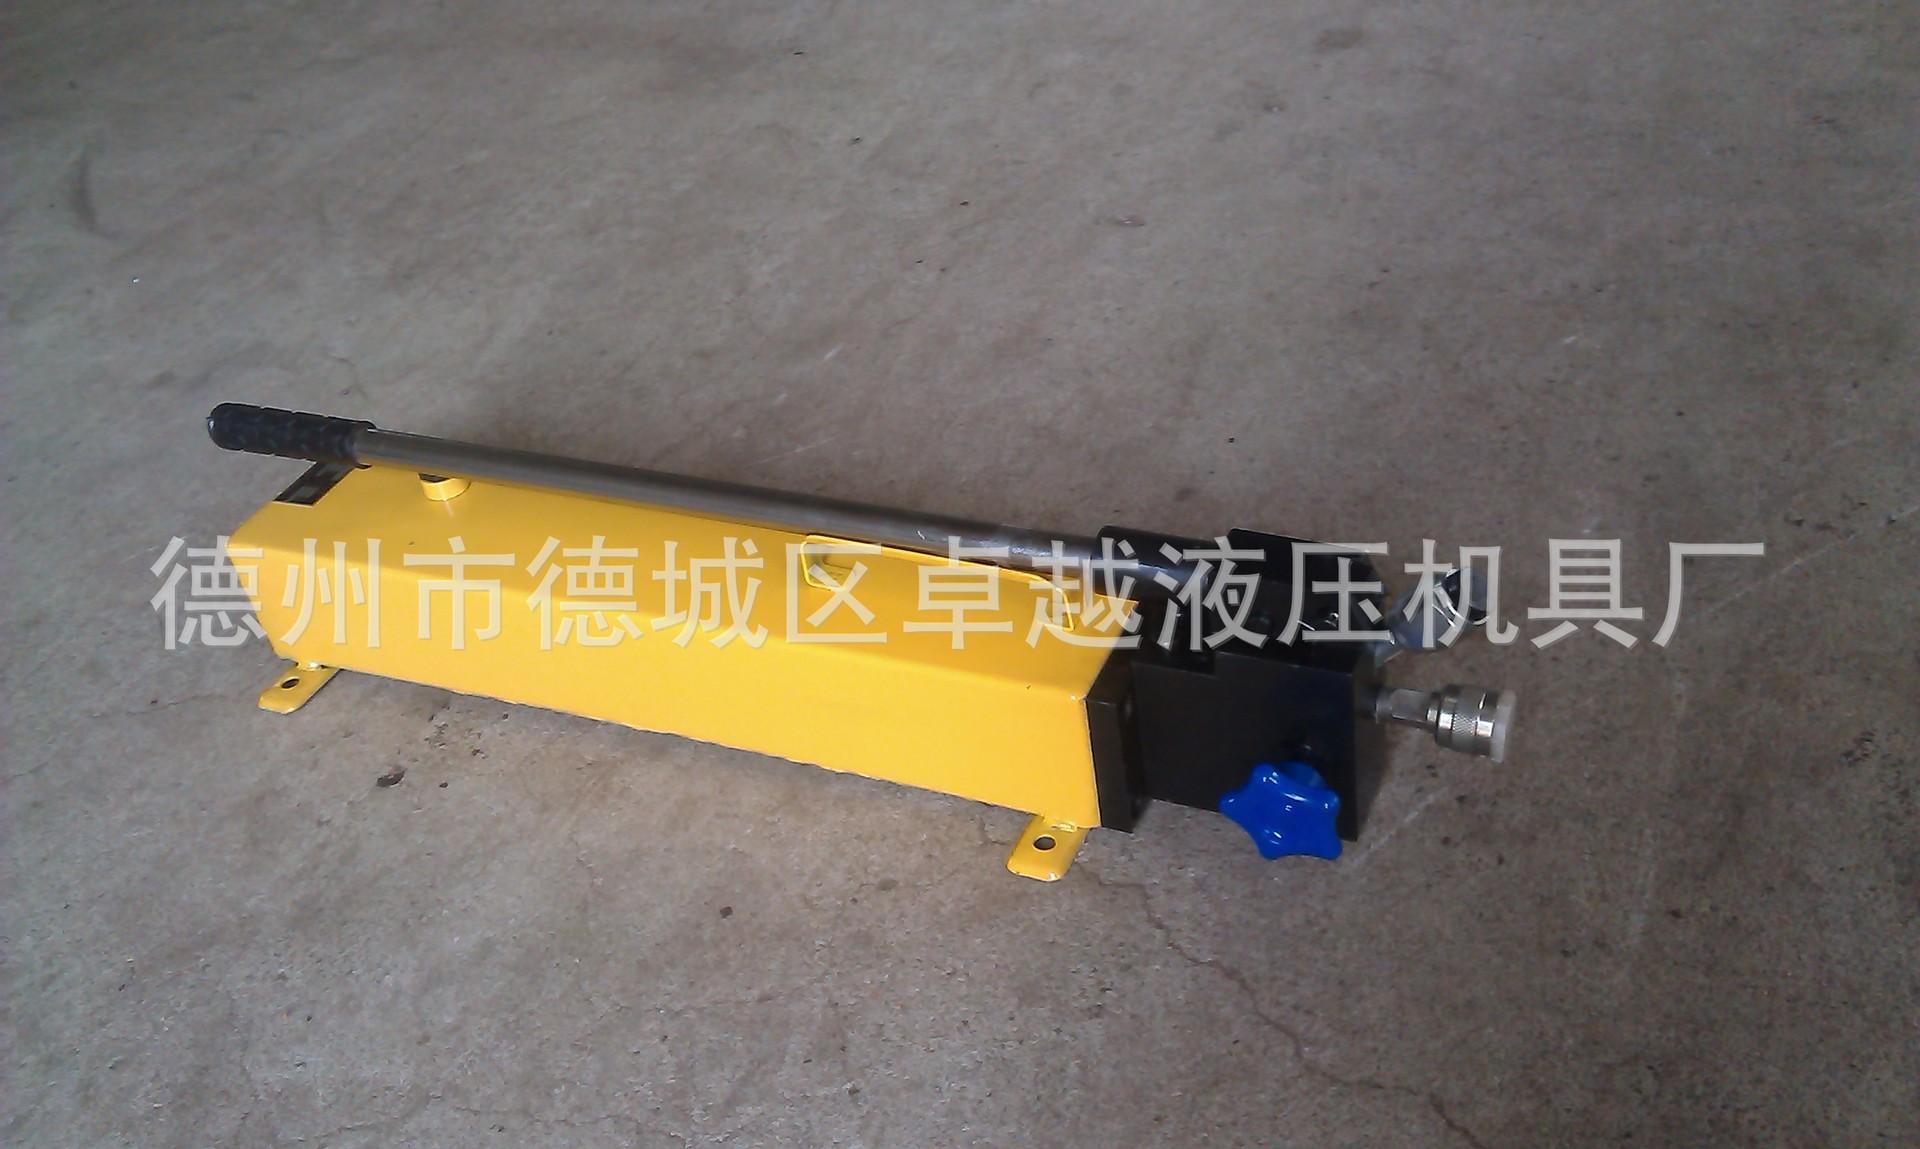 生产厂家质量稳定价格低 超高压手动液压泵 图片_3